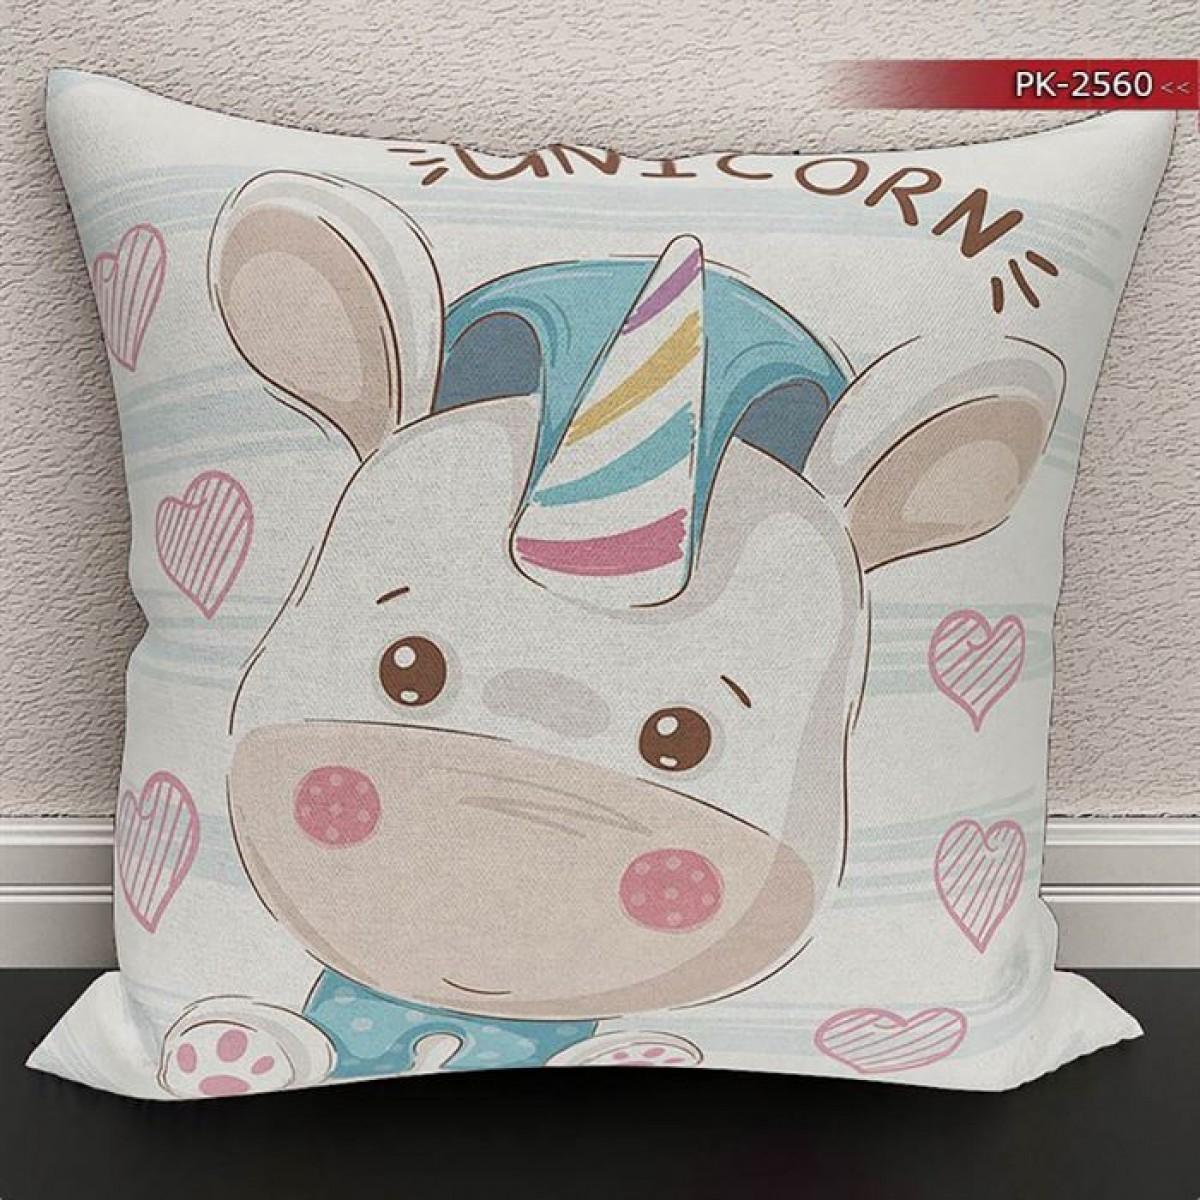 Bebek Odası - Unicorn  Baskılı Kırlent Kılıfı (Çift Taraflı)